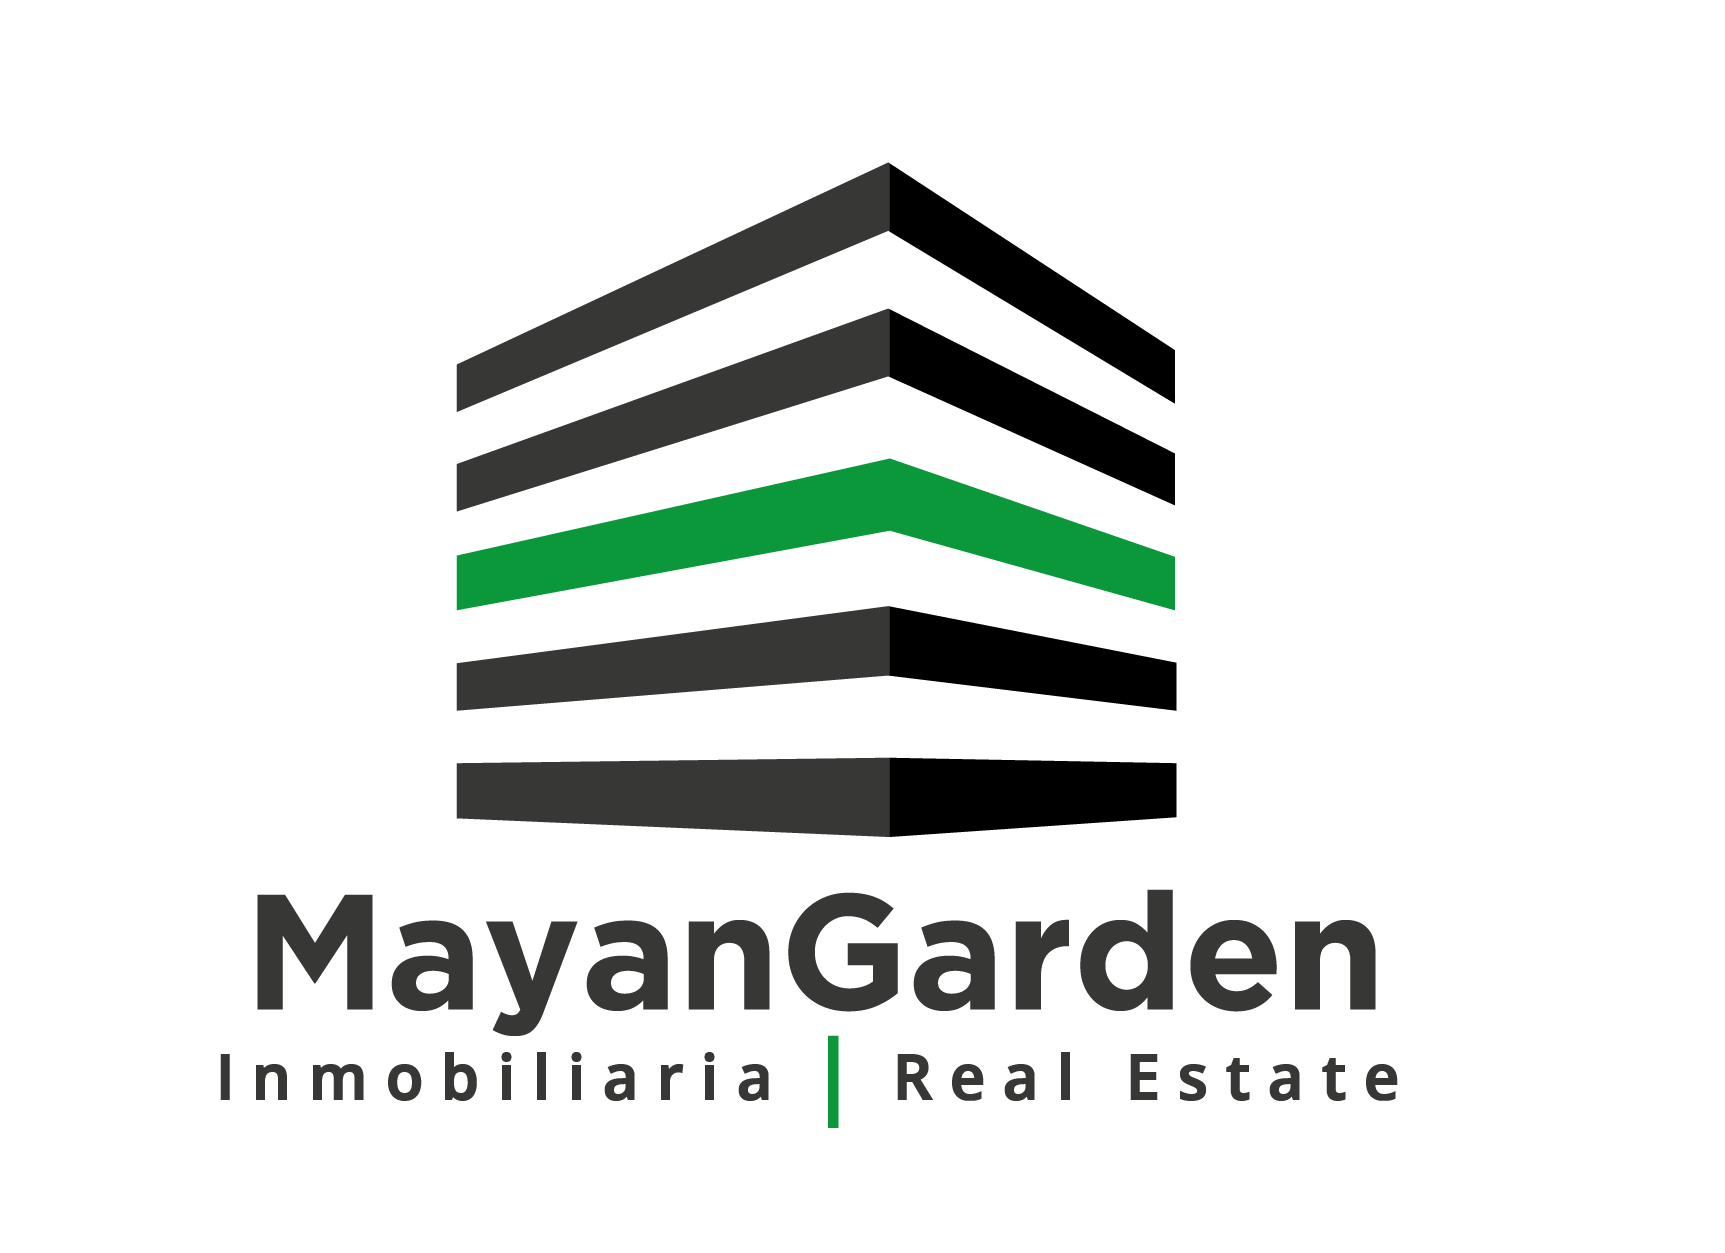 MayanGarden-Grosor2.png